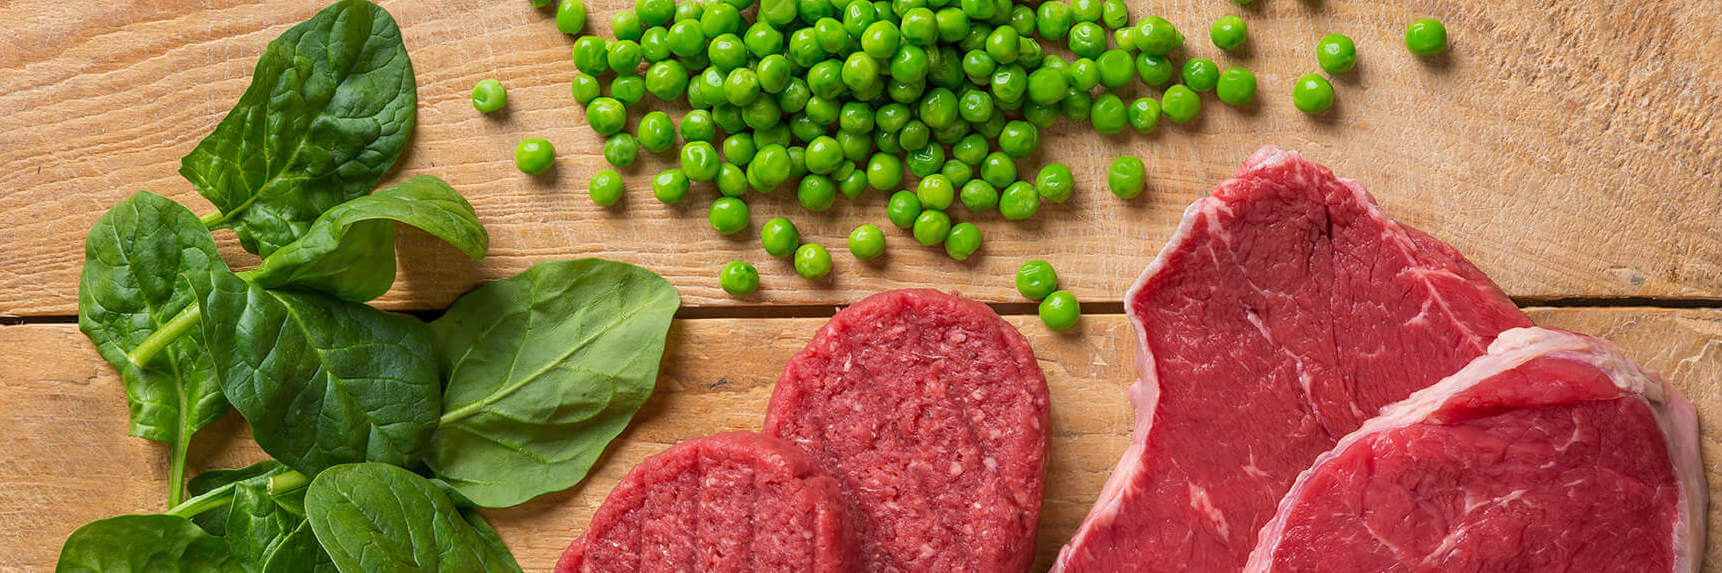 Doperwtjes, spinazie, biefstuk en hamburgers